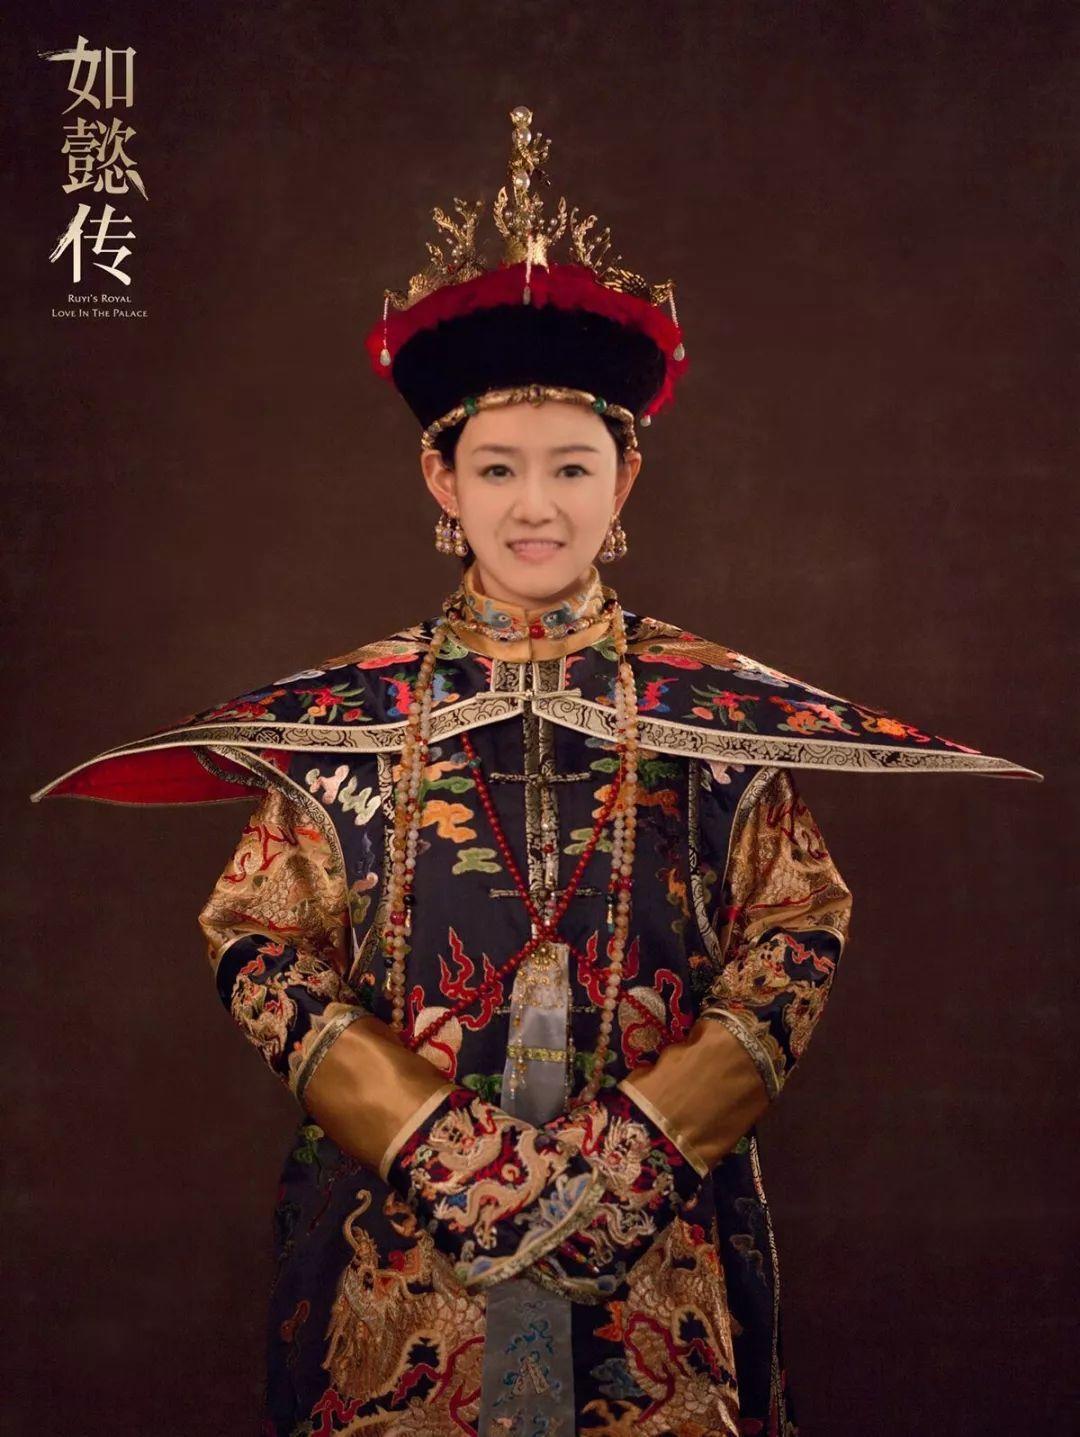 王蔷进武网8强!李娜之后,中国首个世界前20来了?